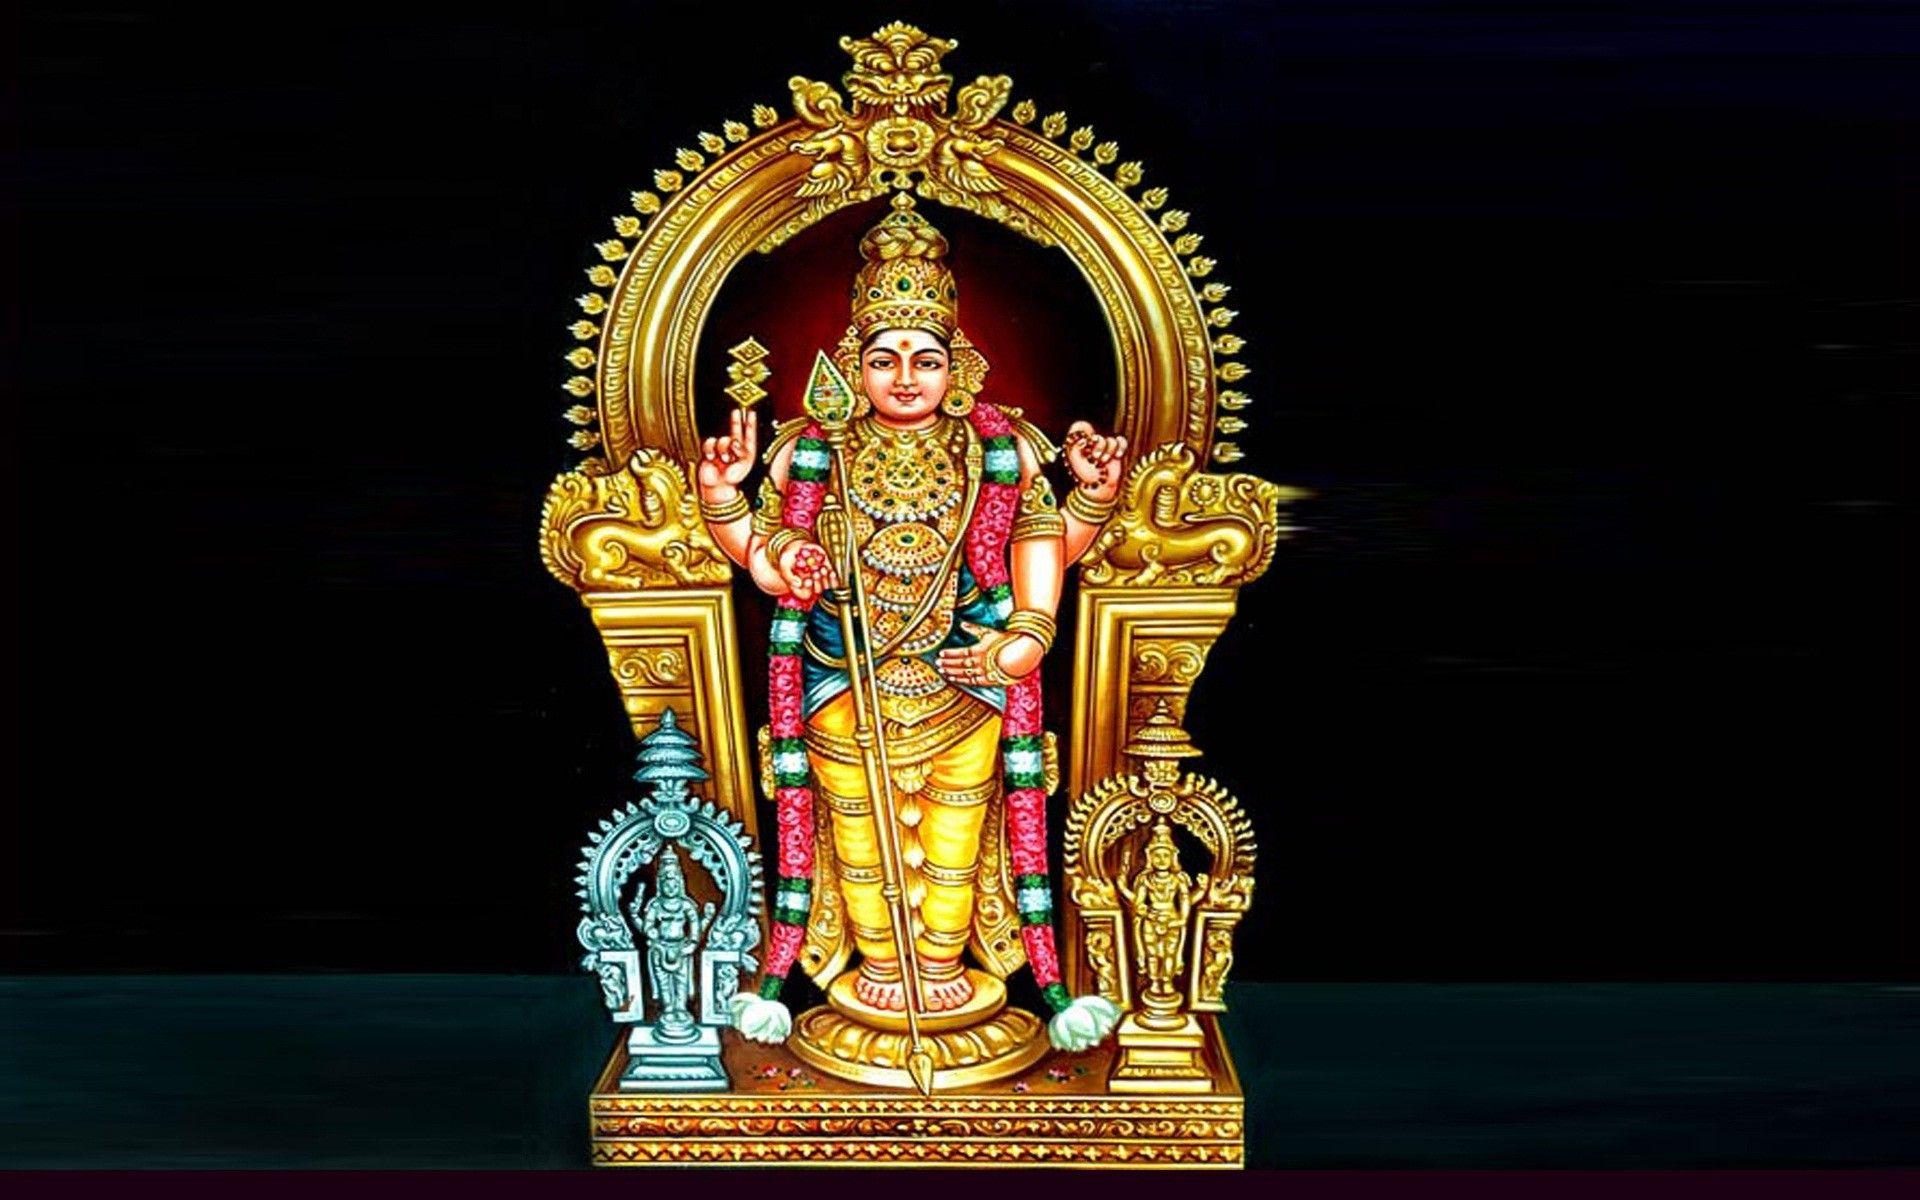 1920x1200 Hindu God Murugan Lord Murugan Wallpapers In 2019 Lord